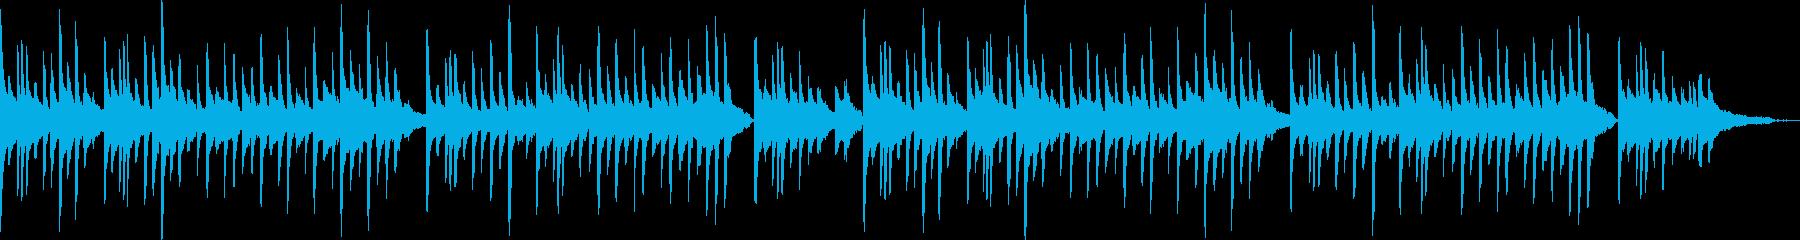 ピアノソロの寂しいワルツの再生済みの波形